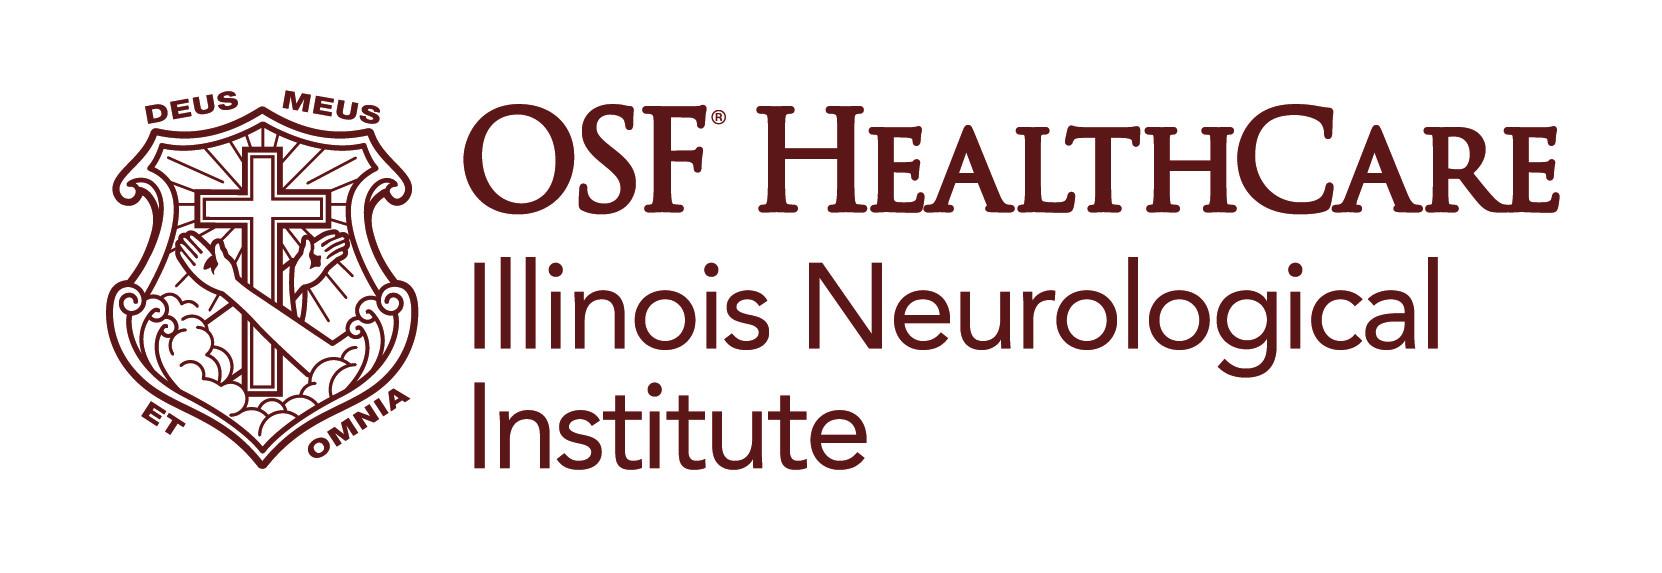 OSF Healthcare Illinois Neurological Institute